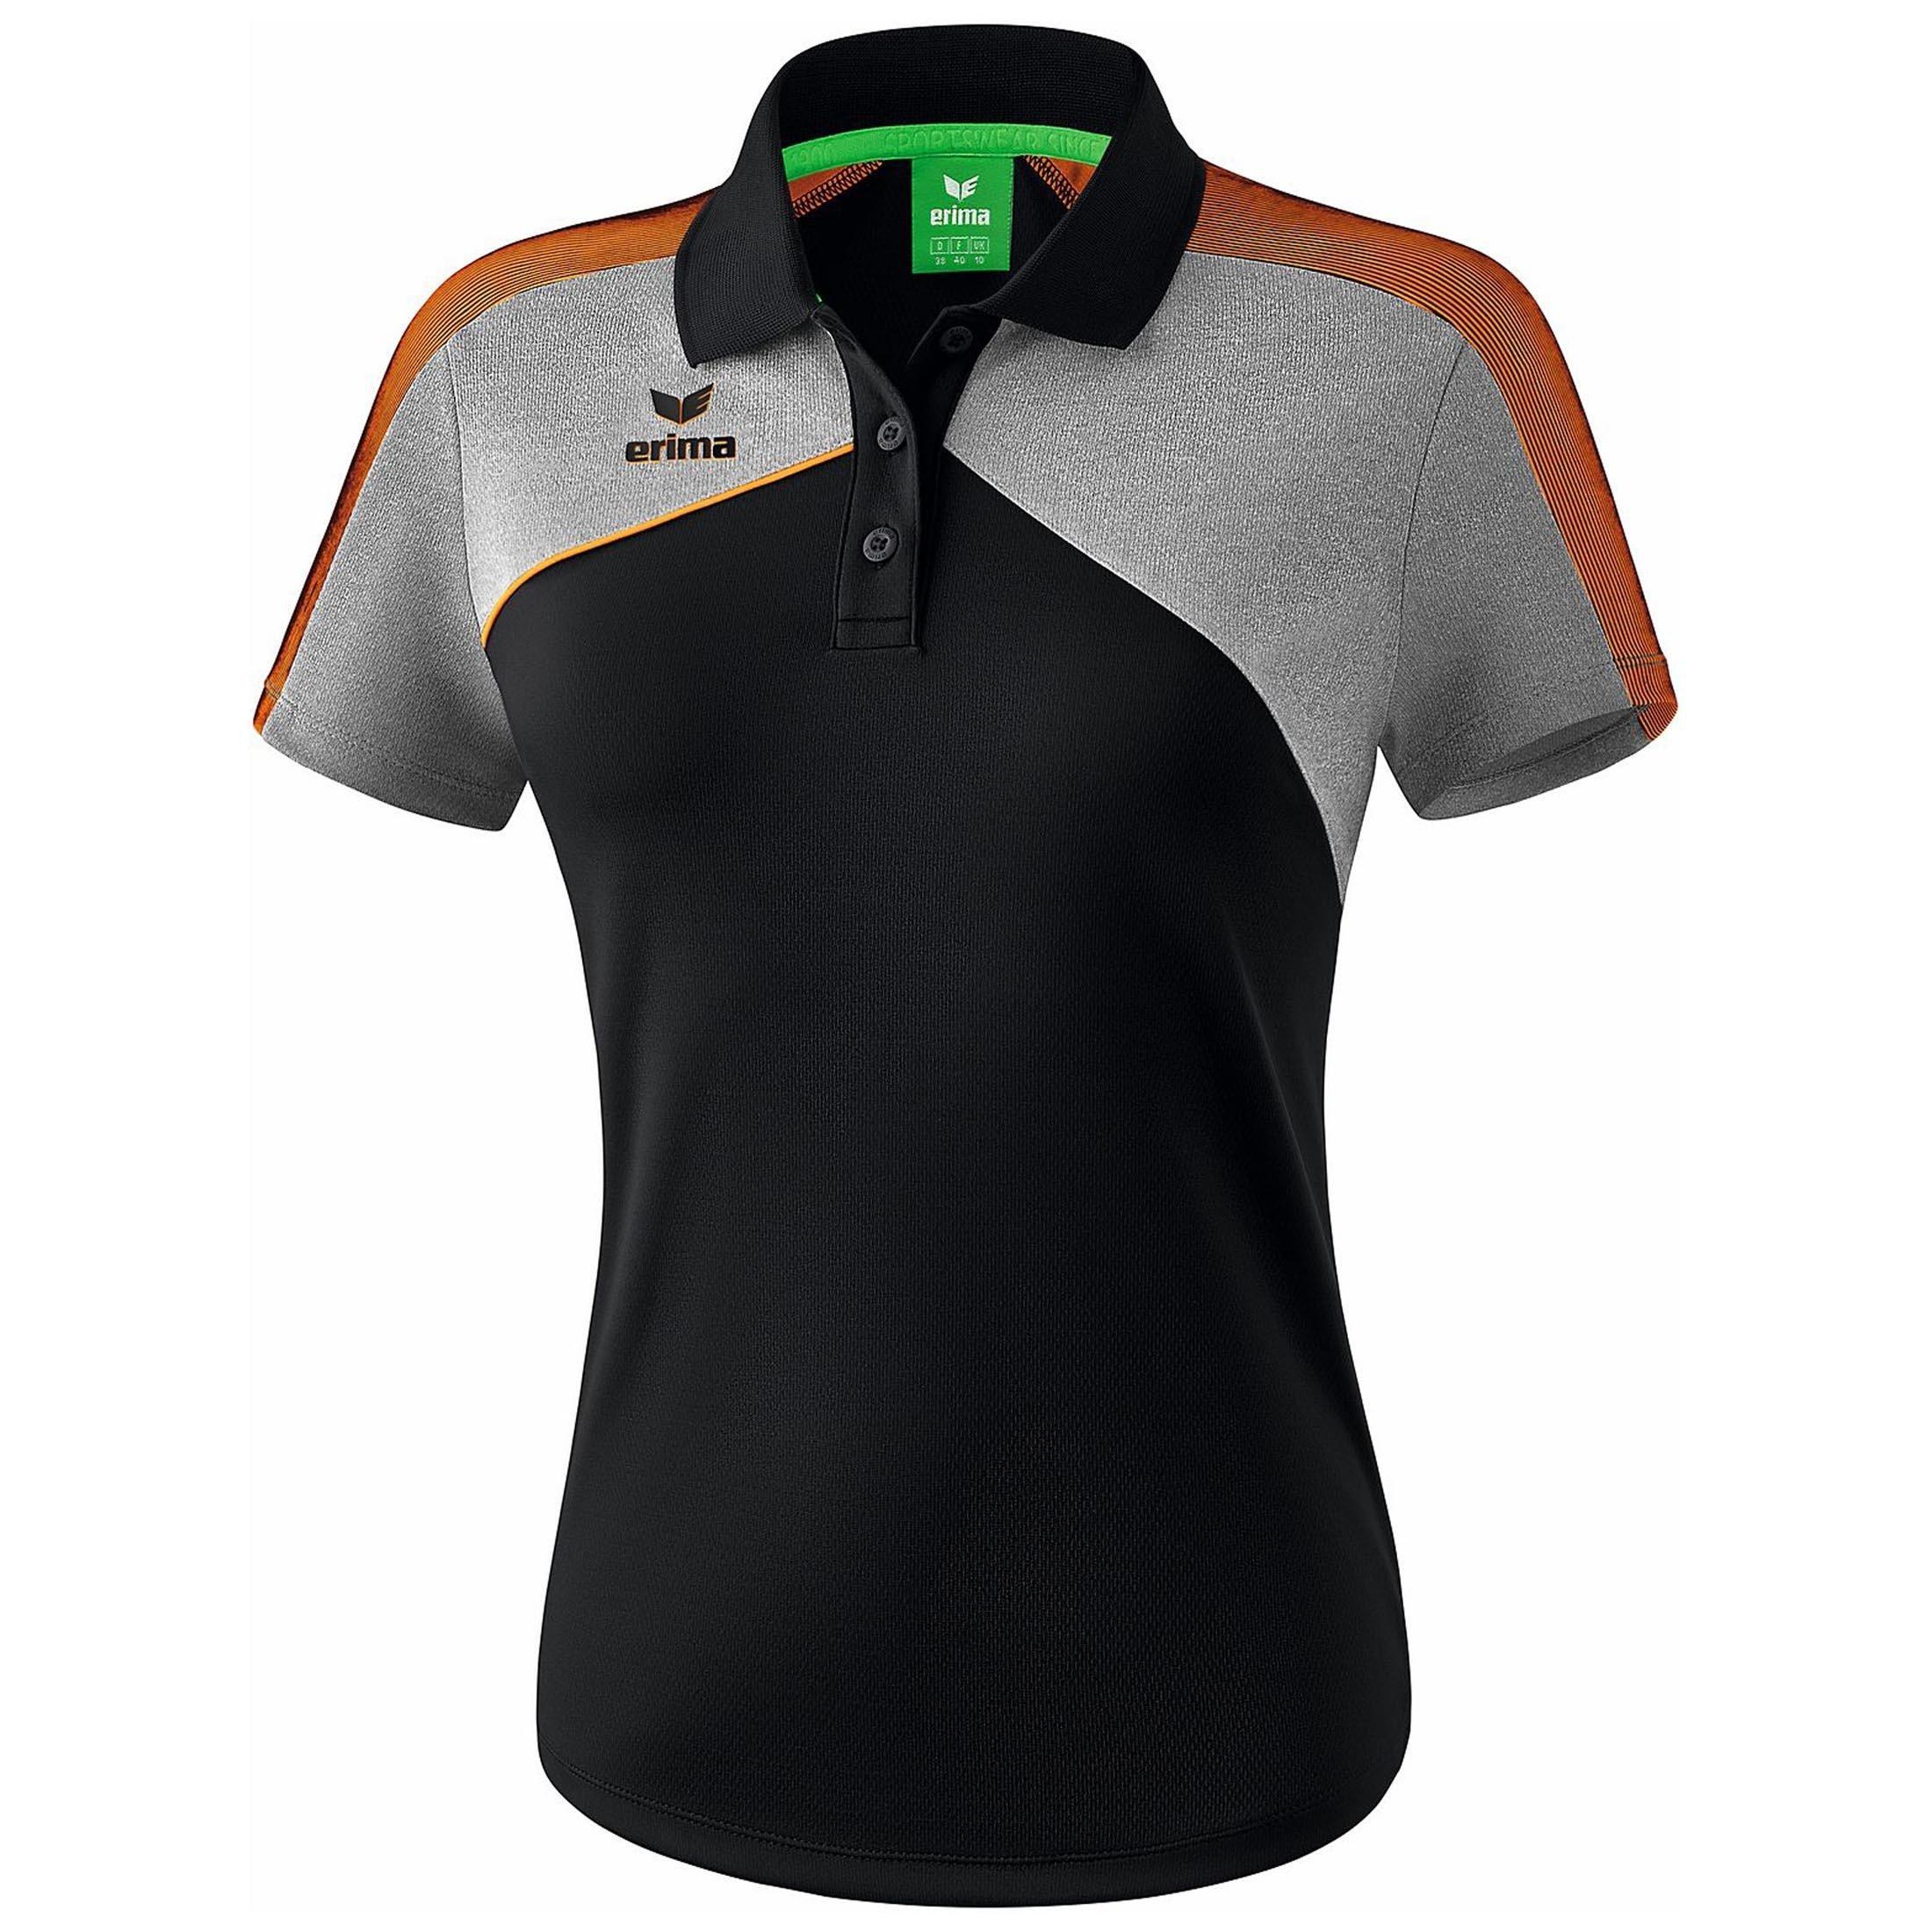 Erima Premium One 20 Poloshirt Damen